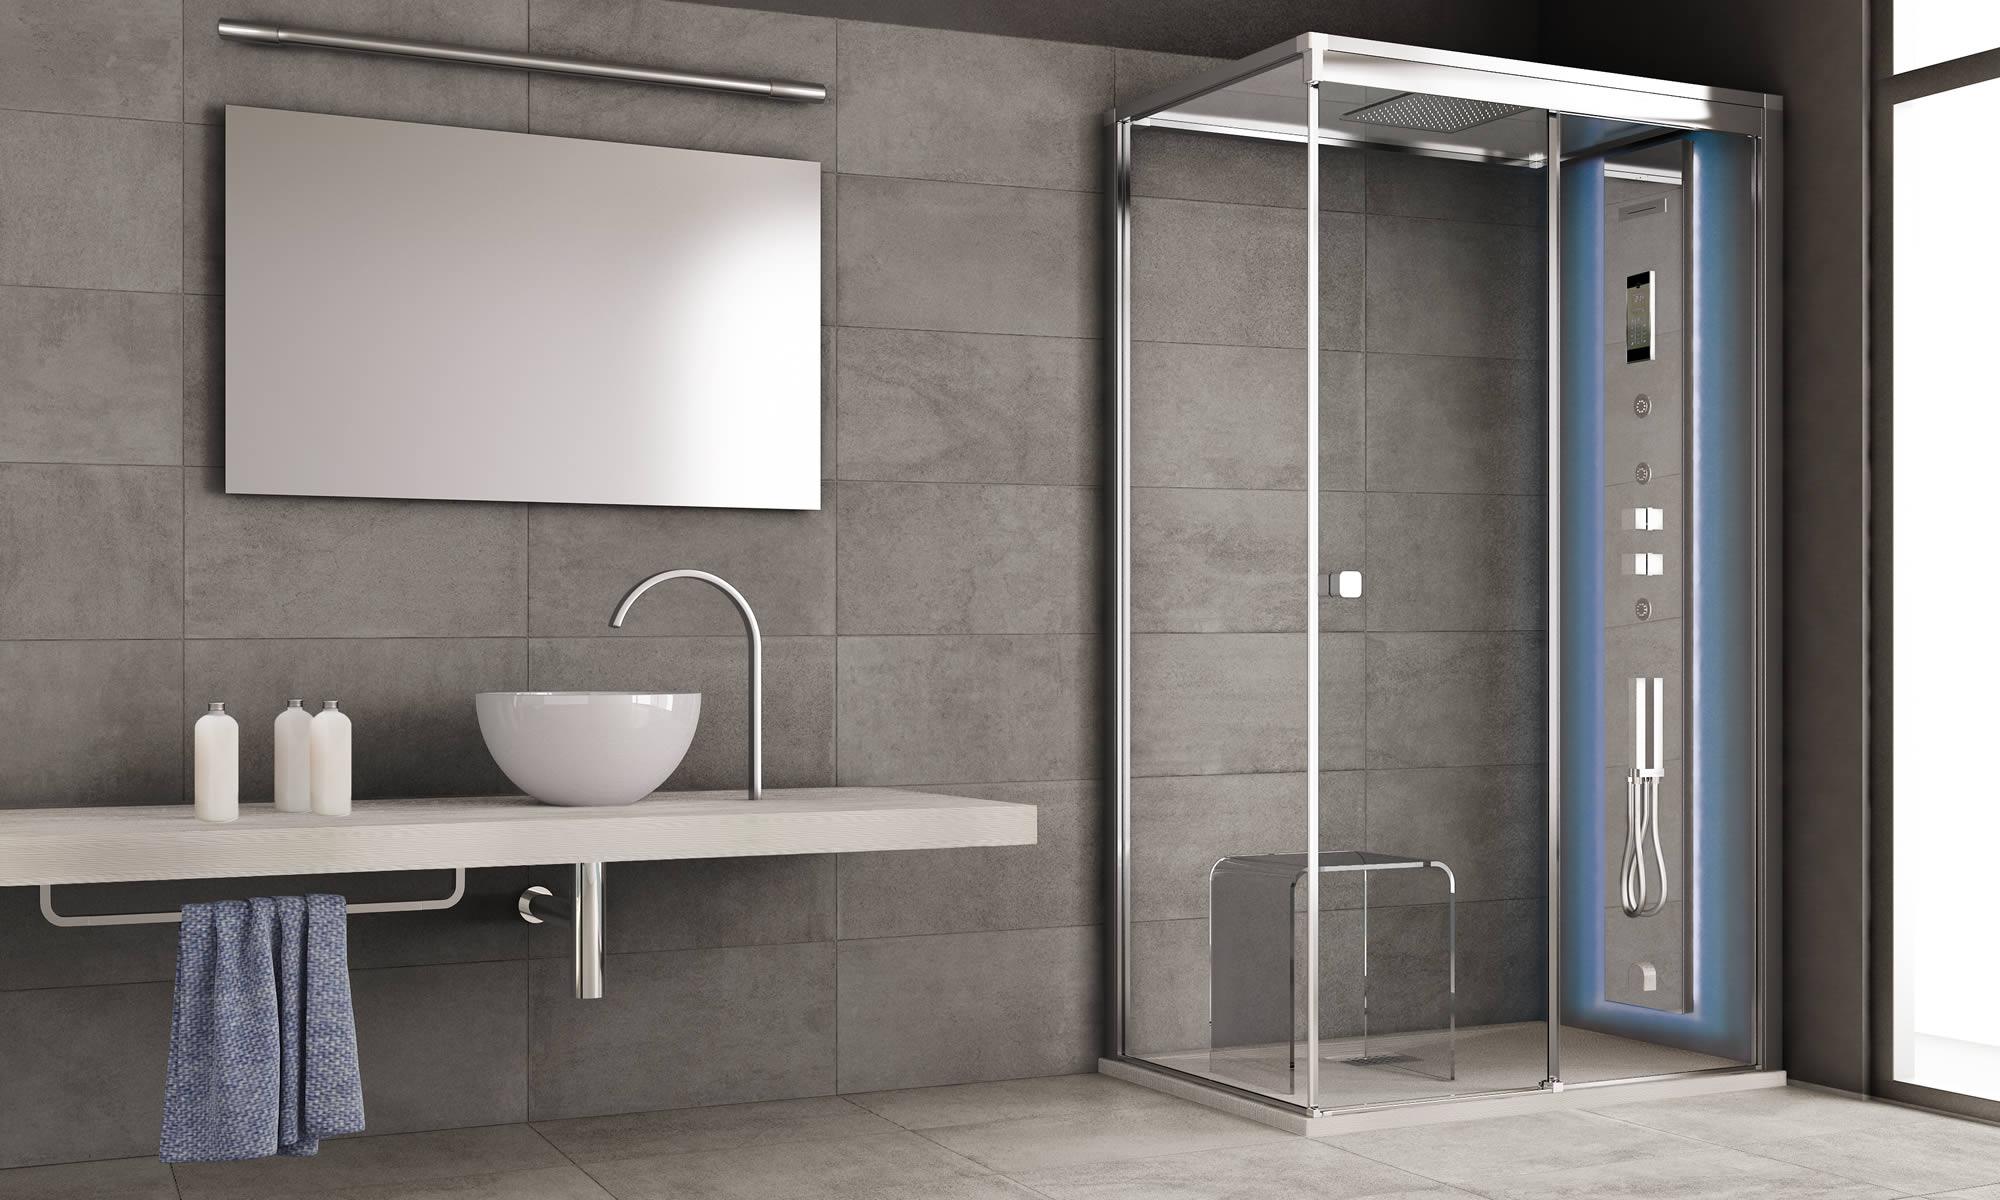 Vasche Da Bagno Misure E Prezzi : Box doccia o vasca da bagno u pronto intervento news